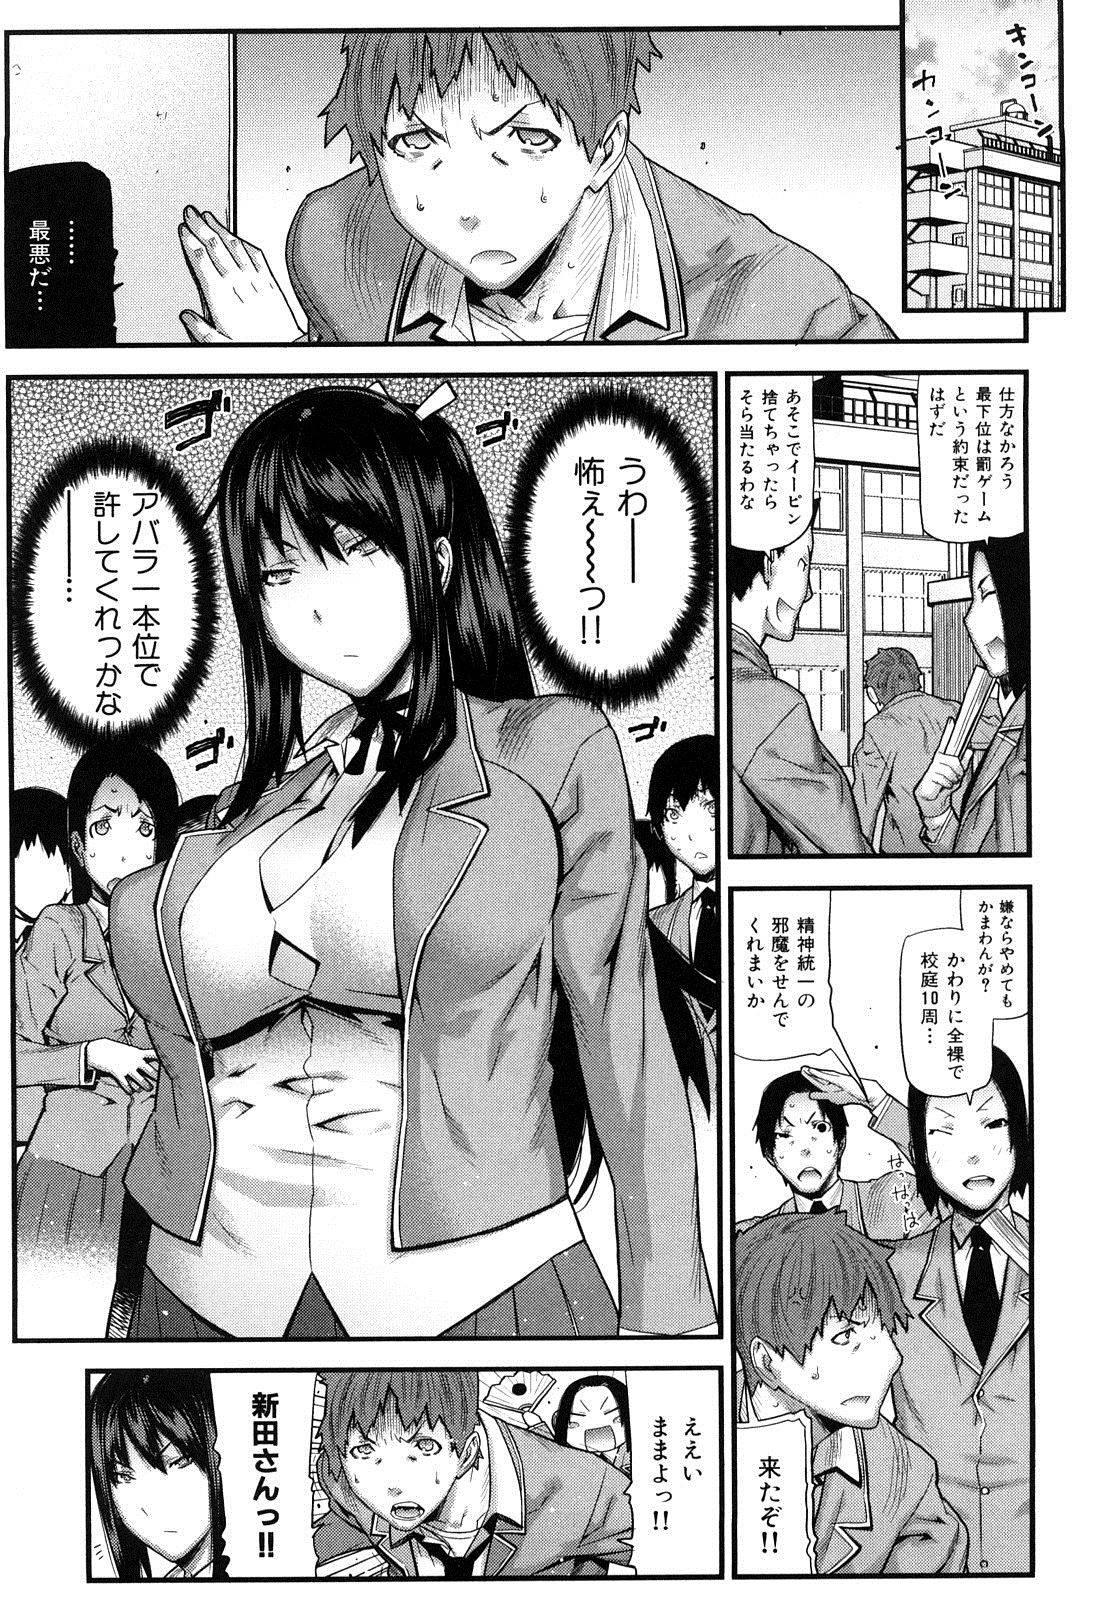 [池上竜矢] 椿さんといっしょ (1)